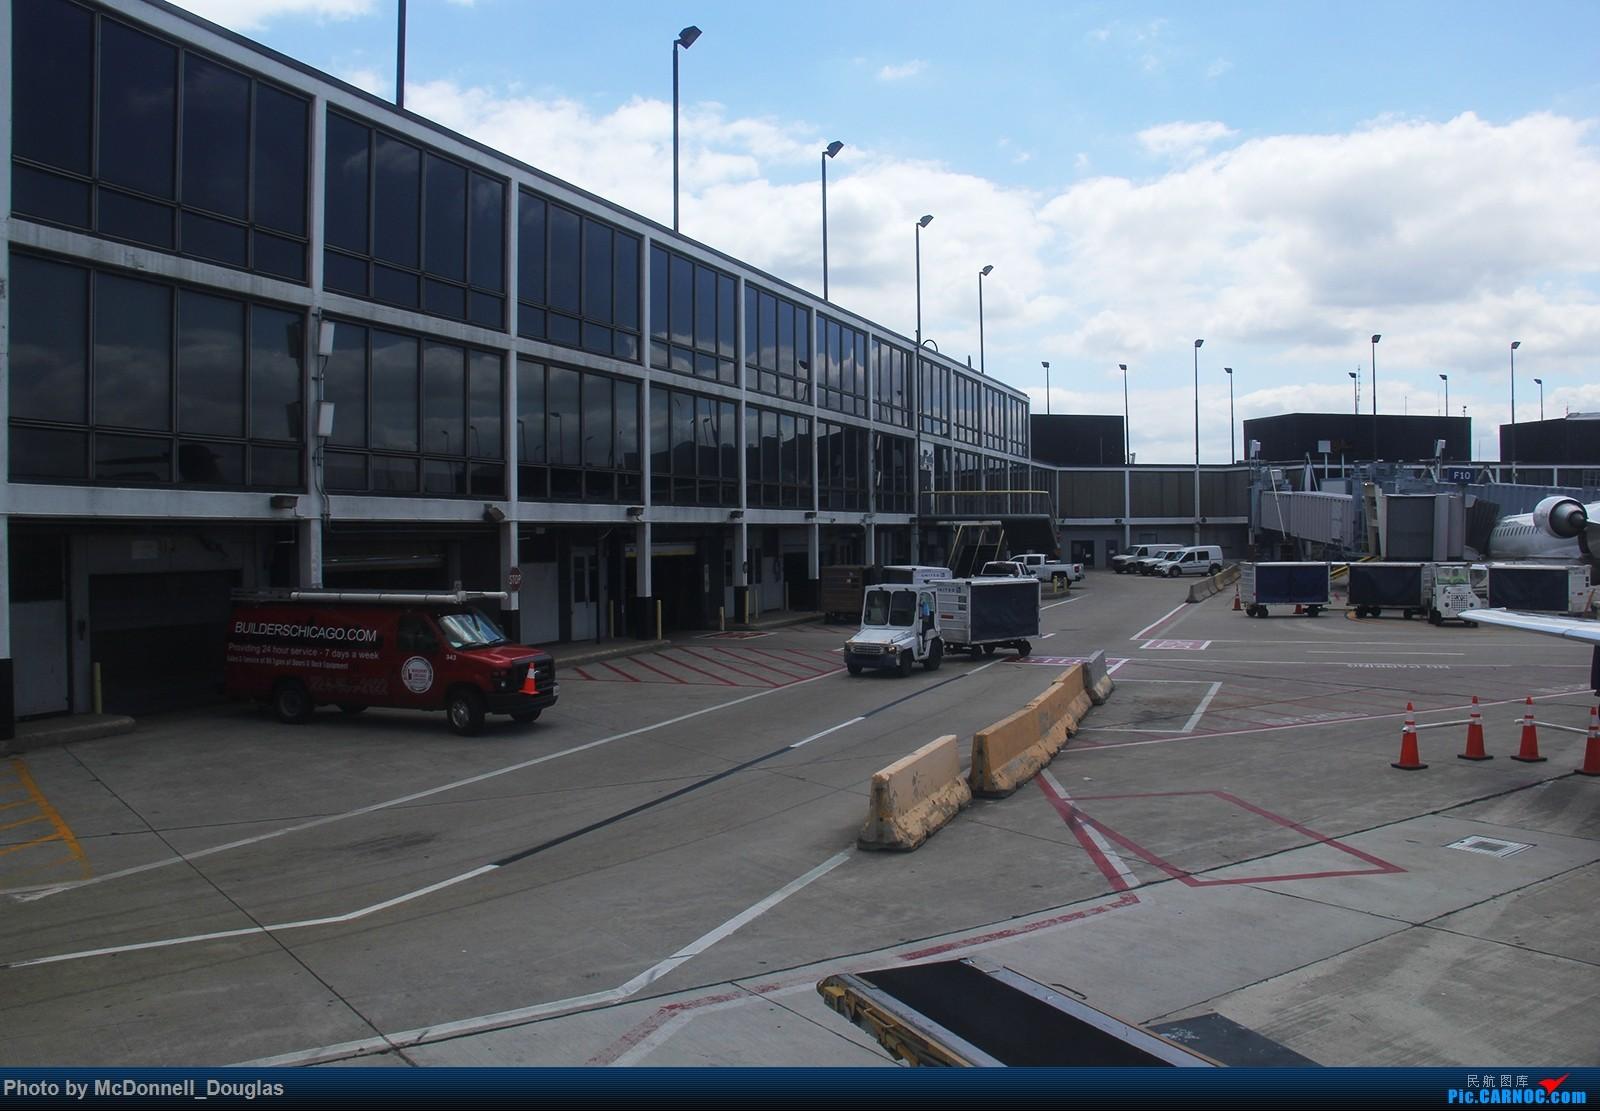 Re:[原创]【上海飞友会】图会很多,也有很多驾驶舱,杂七杂八的美帝,梦寐以求的圣马丁,这更绝不弃贴【驾驶舱已出现】 BOEING717-2BD N922AT 美国芝加哥奥黑尔国际机场  飞行员